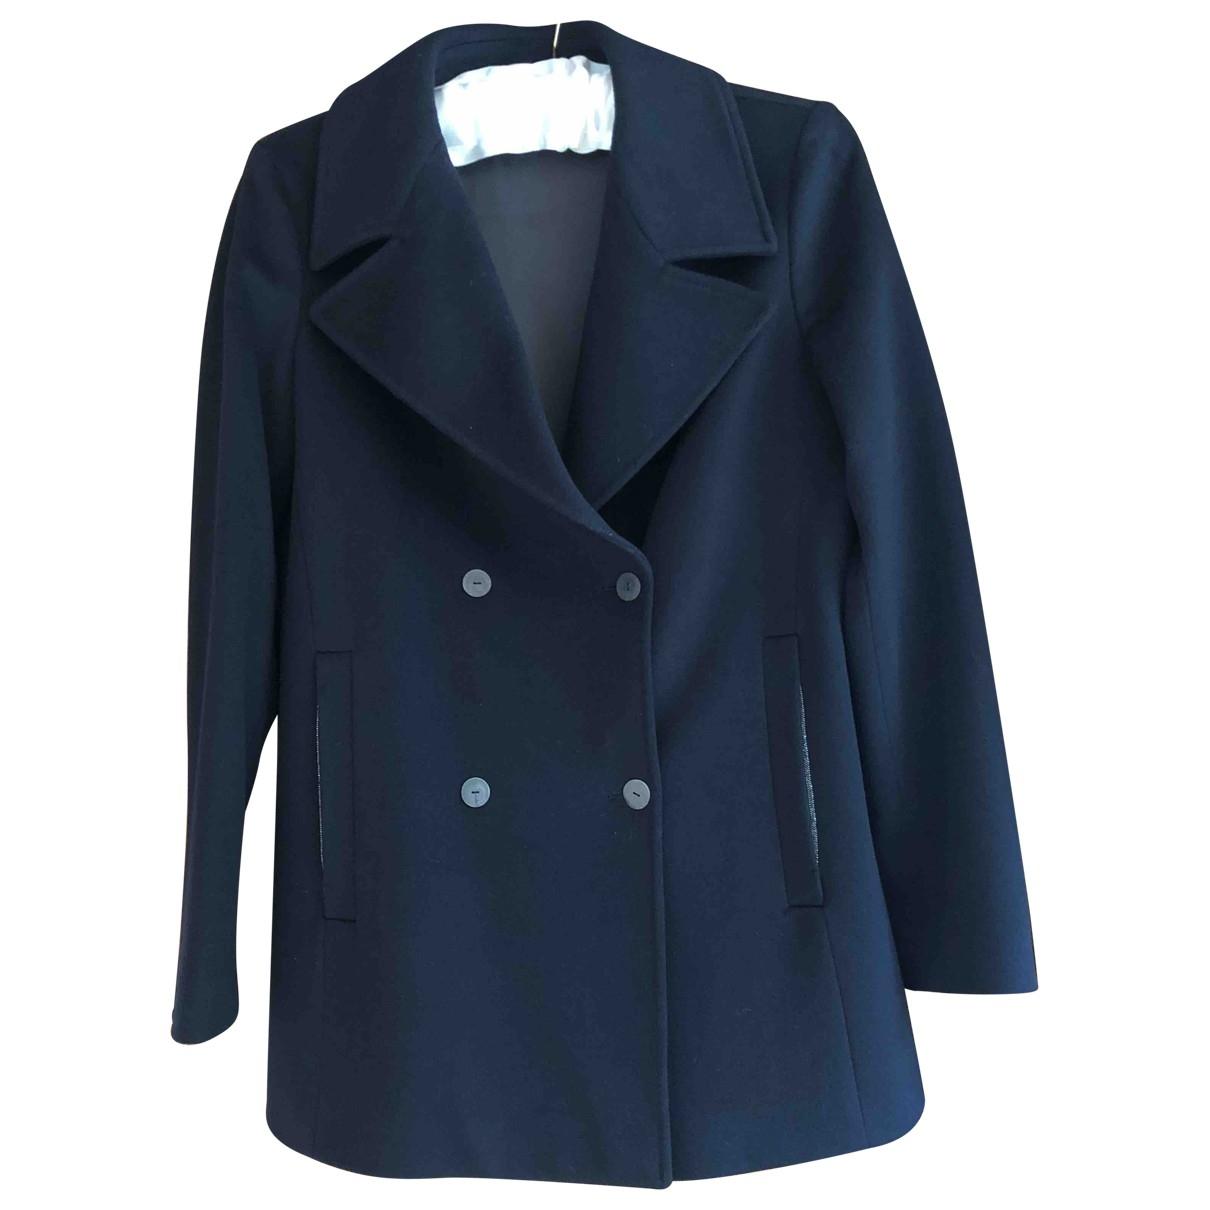 Fabiana Filippi \N Navy Wool jacket for Women 38 IT